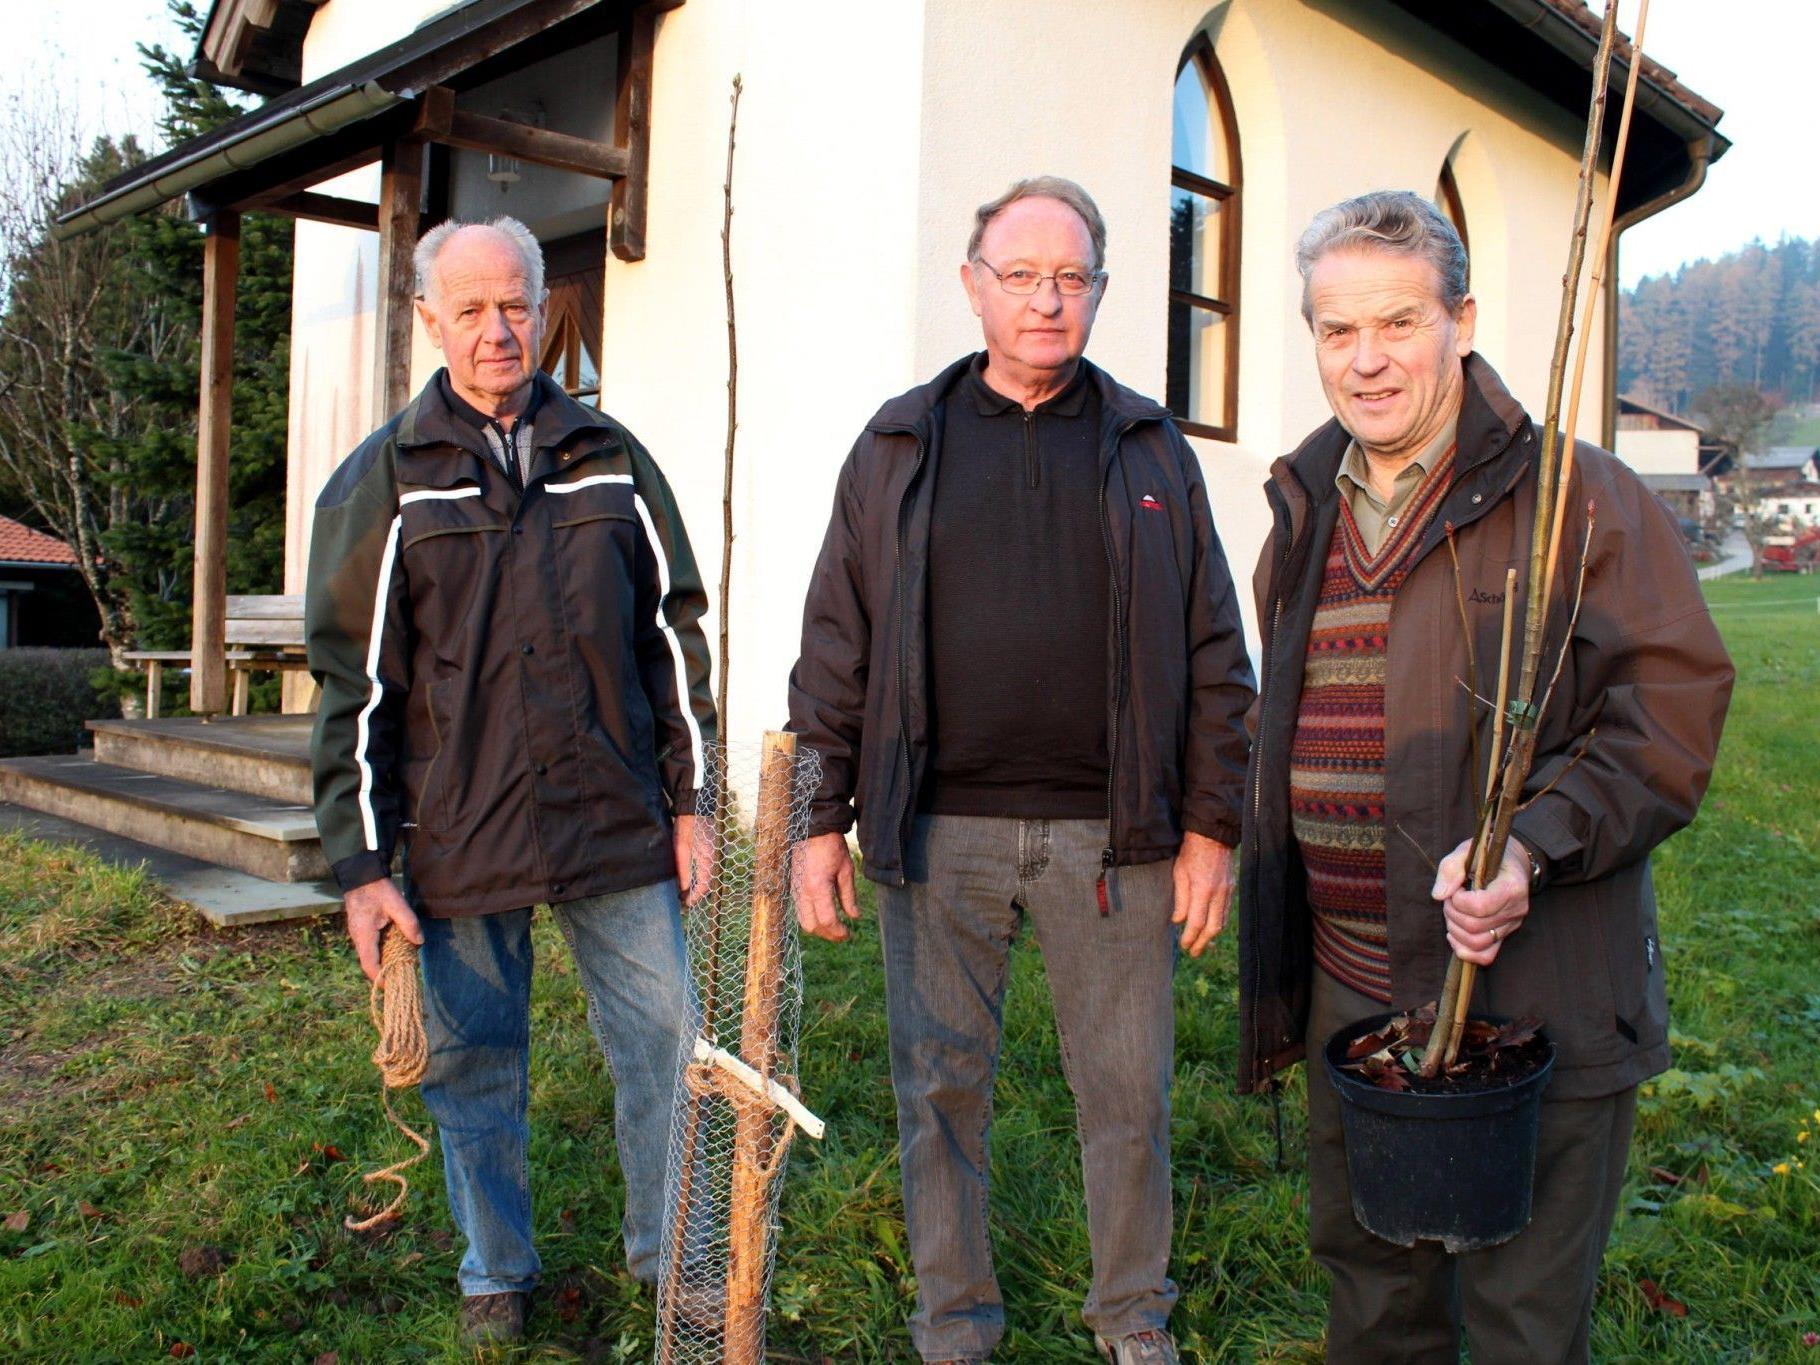 Ernst Sohm, Hermann Moosbrugger und Arthur Beinder bei der Kapelle am Linzenberg.